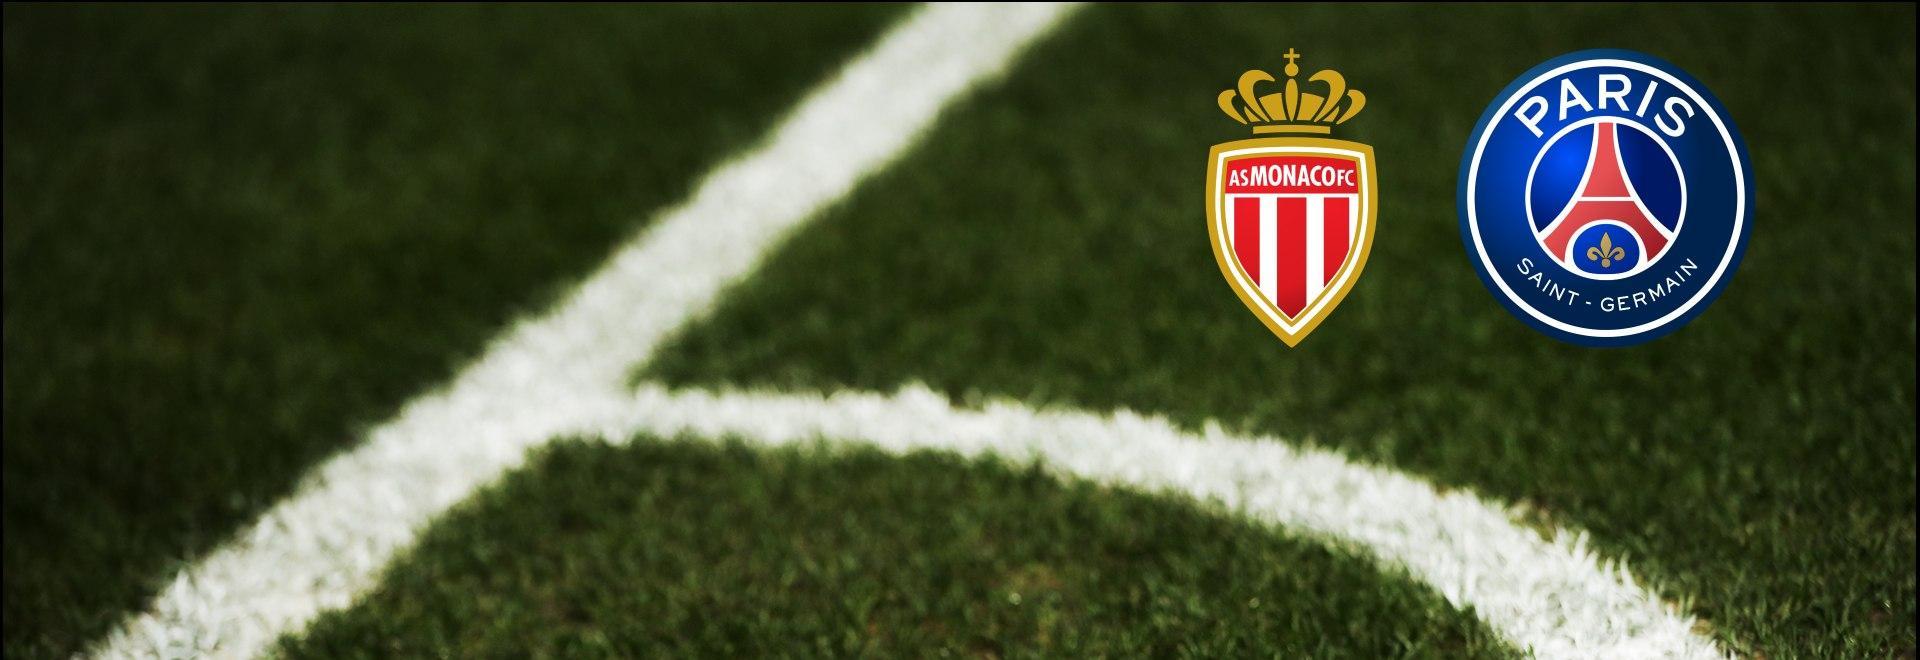 Monaco - PSG. 11a g.